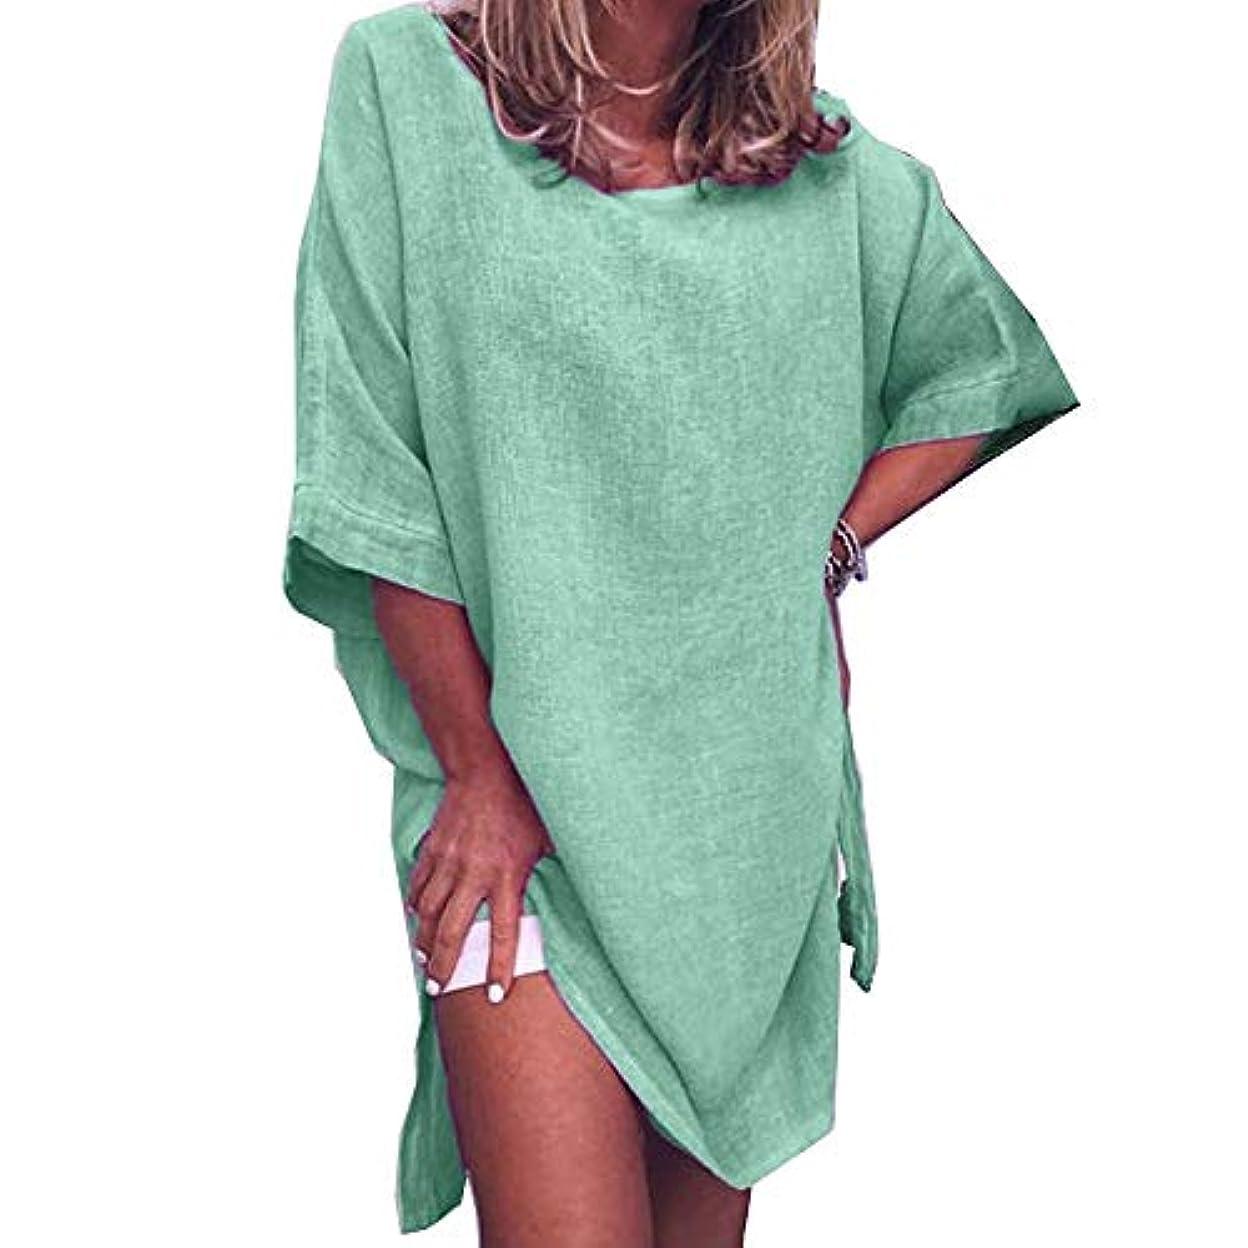 作物話す勧告MIFAN サマードレス、ビーチドレス、ルーズドレス、プラスサイズ、リネンドレス、トップス&ブラウス、女性ドレス、カジュアルドレス